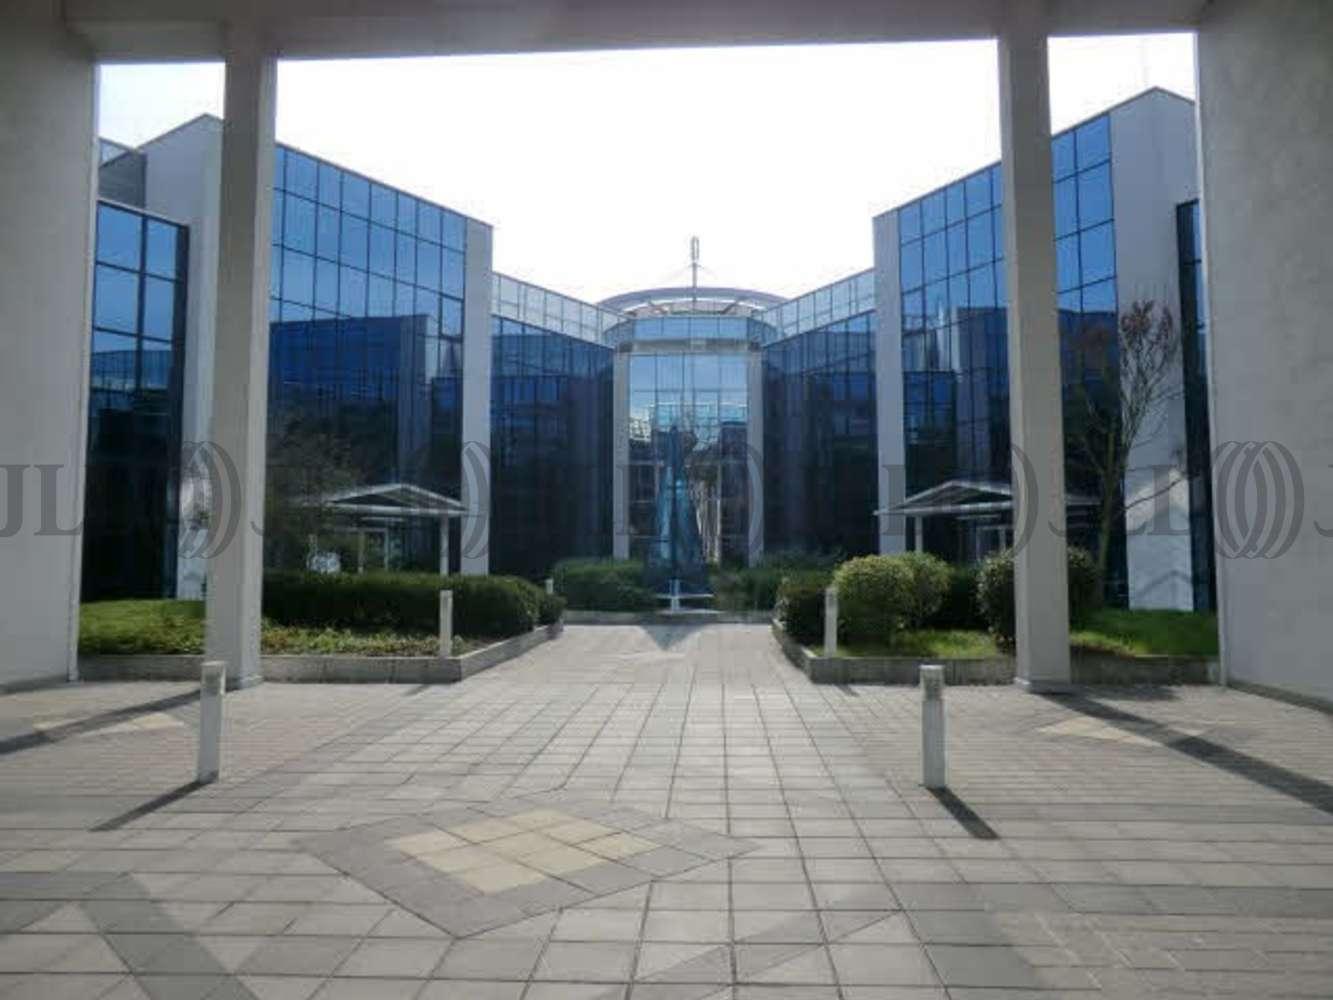 Büros Bad homburg, 61352 - Büro - Bad Homburg, Ober-Eschbach - F0155 - 9405490